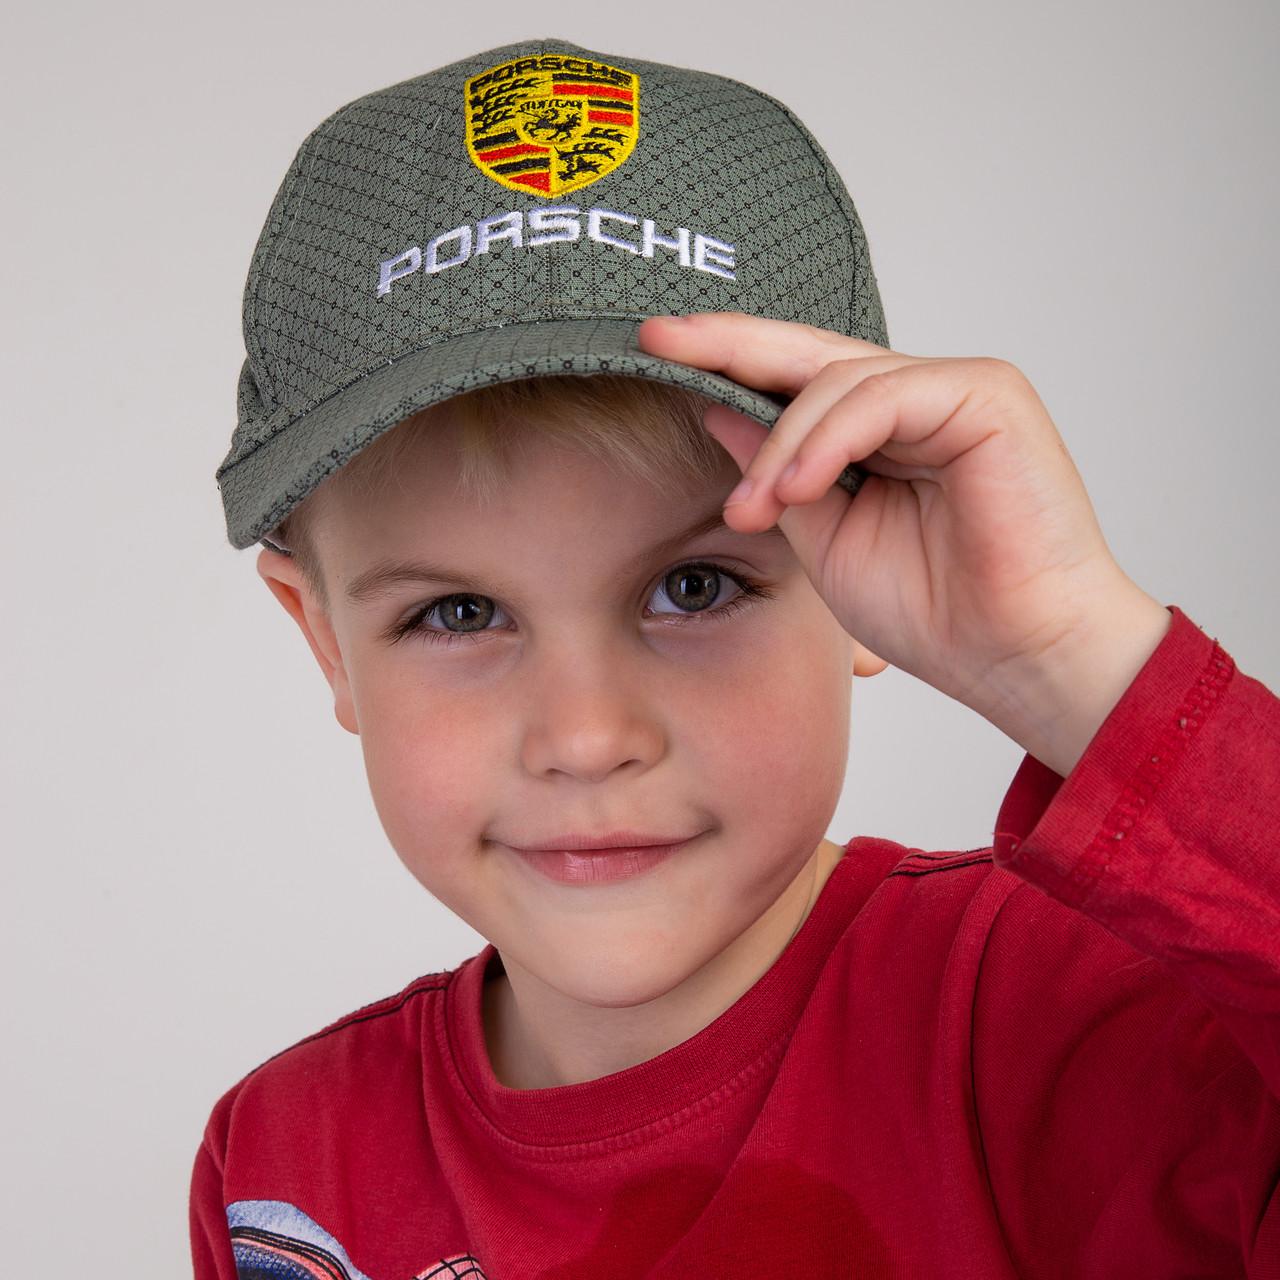 Стильная летняя кепка для мальчика - Porsche(к7)